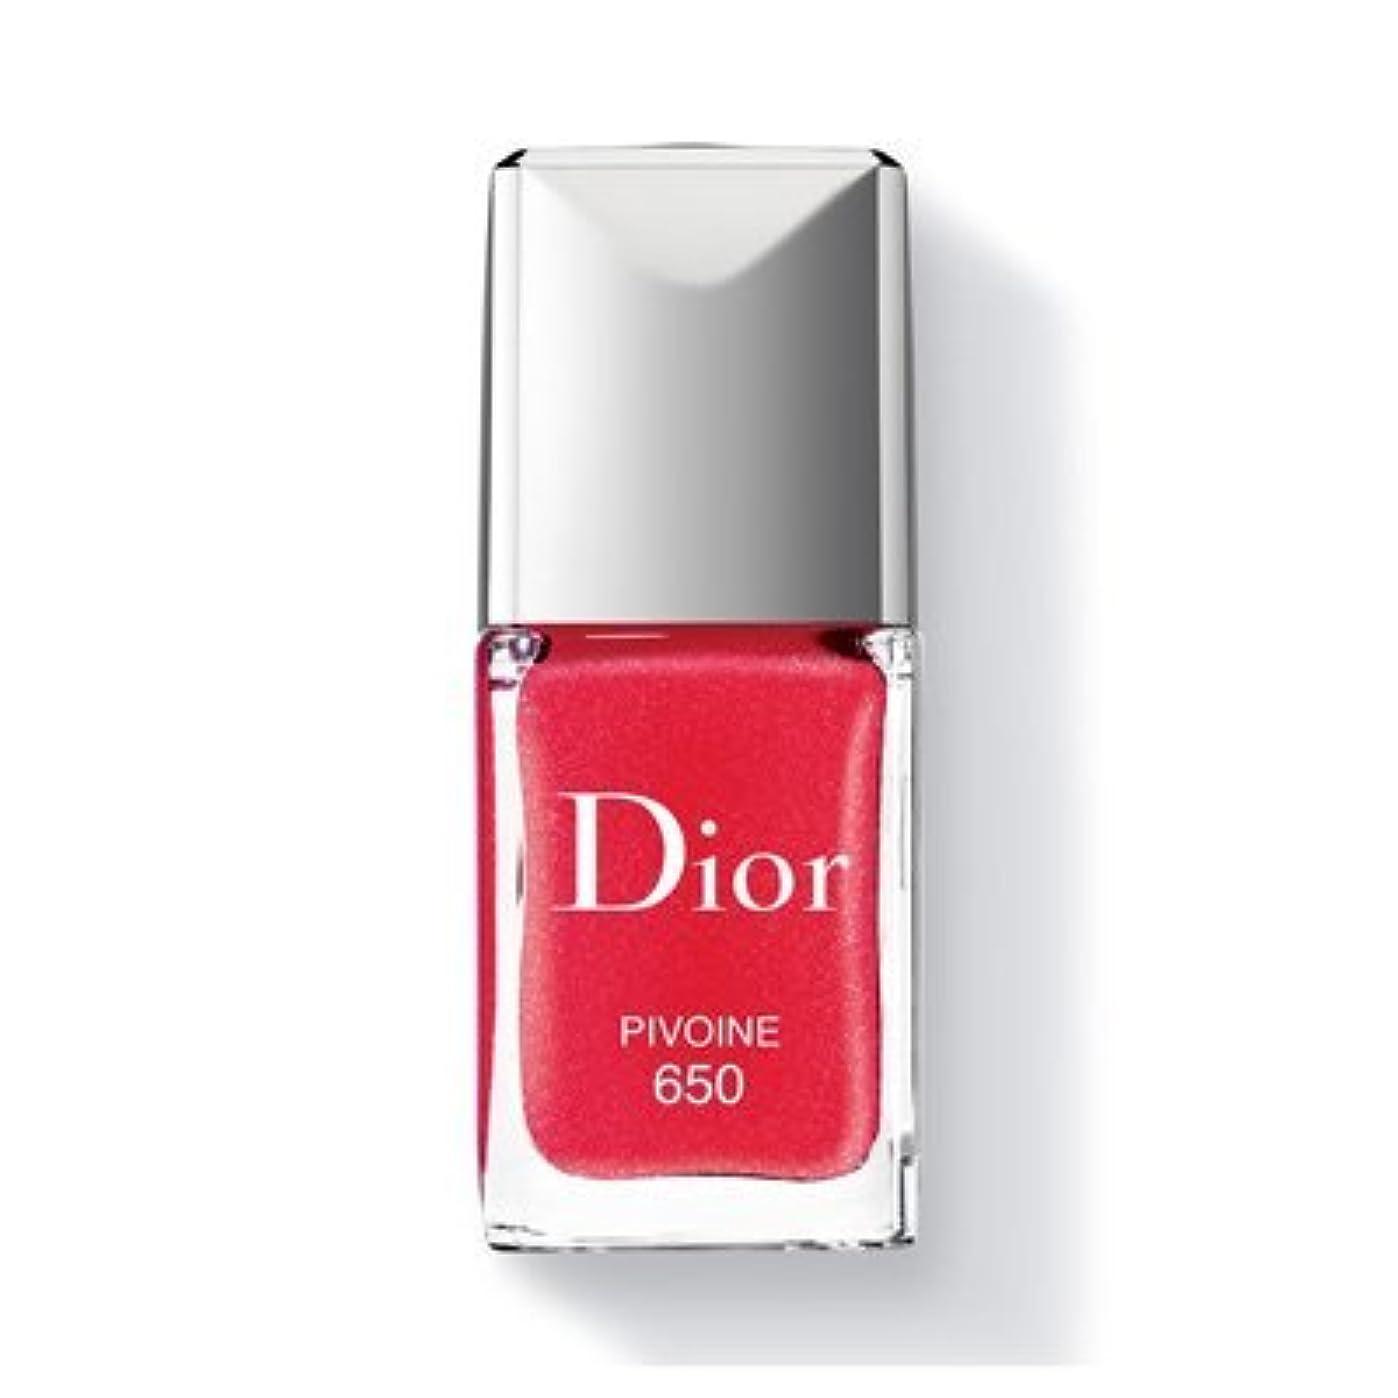 ポータブル最後のチャップChristian Dior クリスチャン ディオール ディオール ヴェルニ #650 PIVOINE 10ml [並行輸入品]